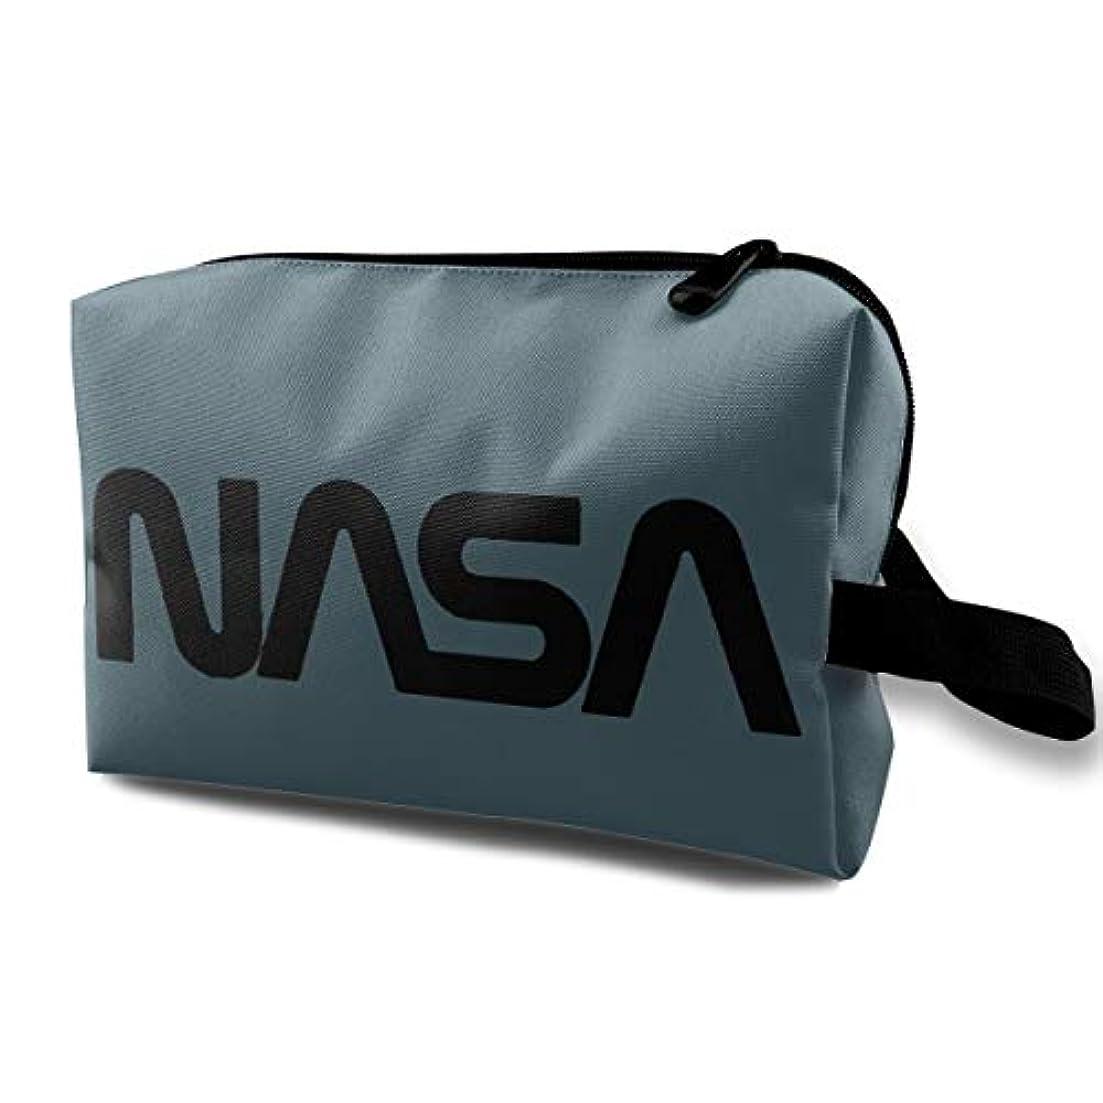 カフェハイジャック汗DSB 化粧ポーチ コンパクト メイクポーチ 化粧バッグ NASA 航空 宇宙 化粧品 収納バッグ コスメポーチ メイクブラシバッグ 旅行用 大容量